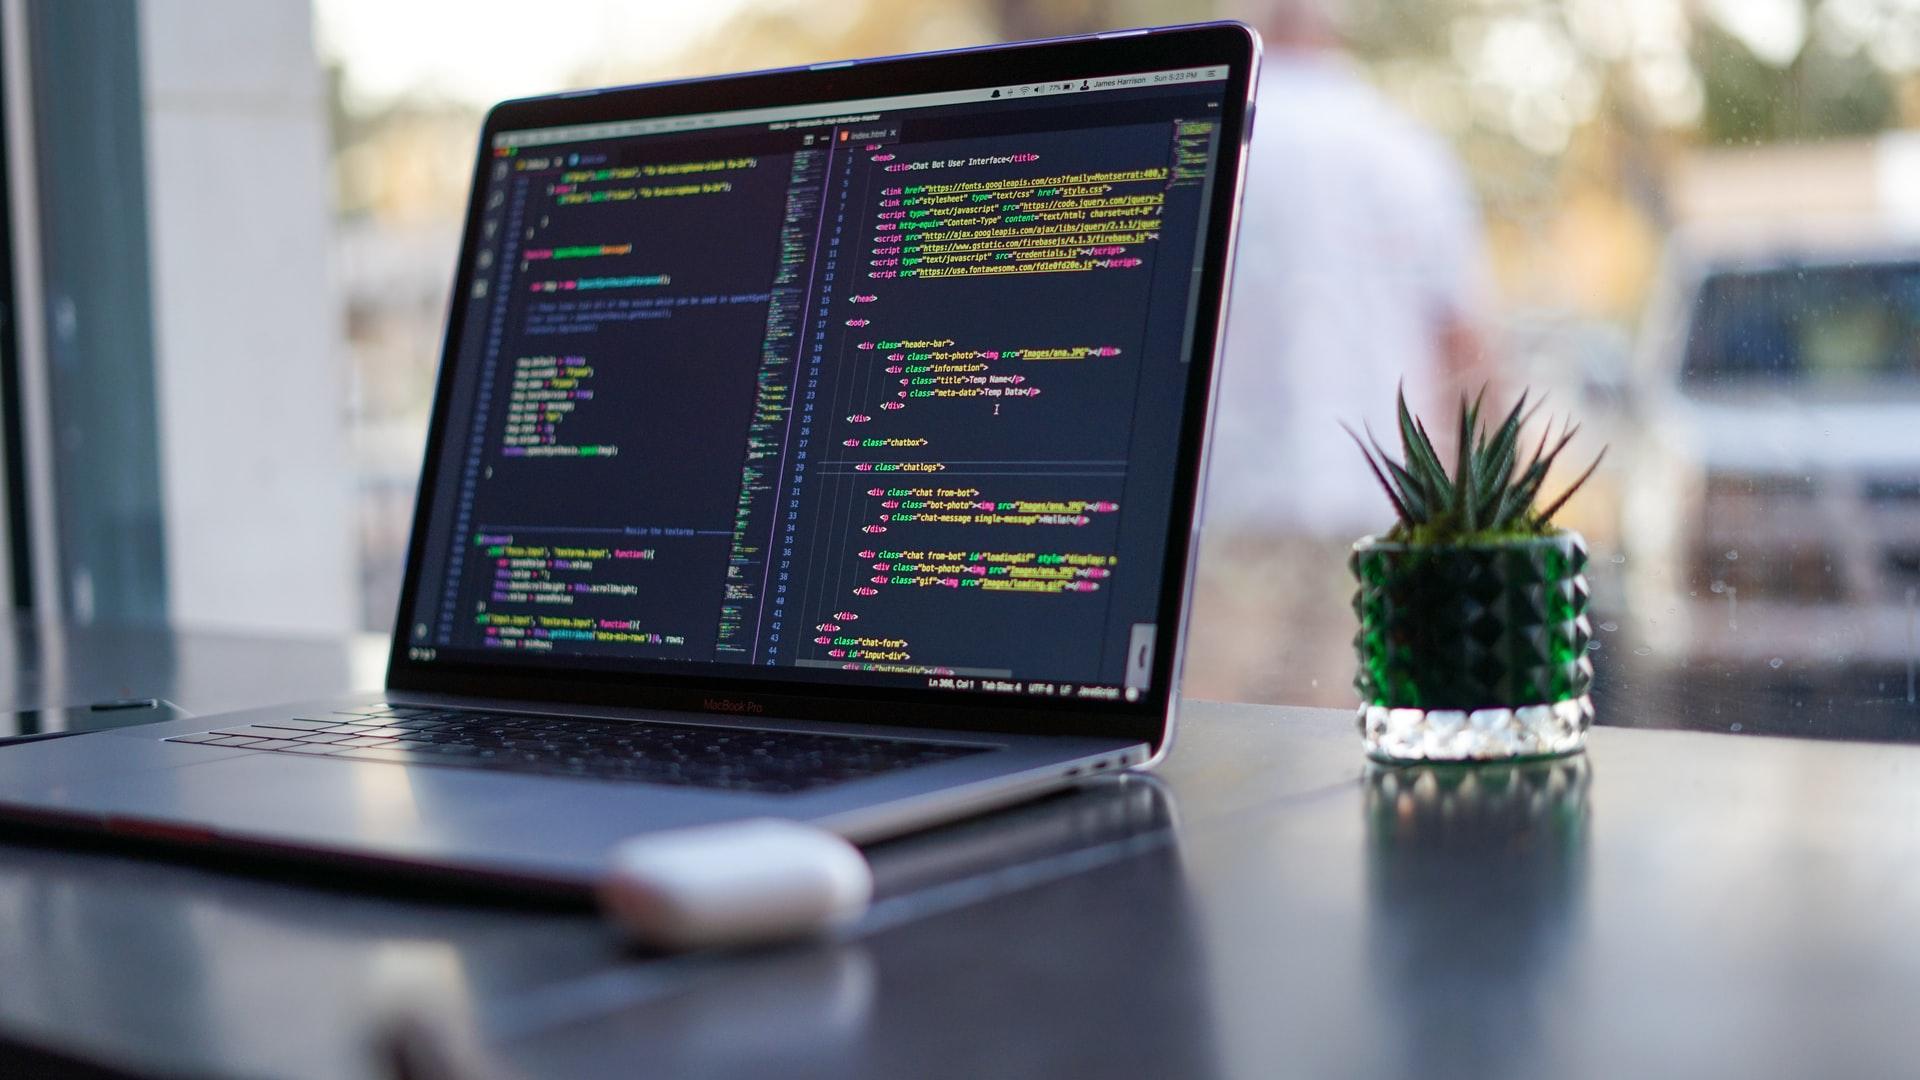 cuantos lenguajes de programacion existen